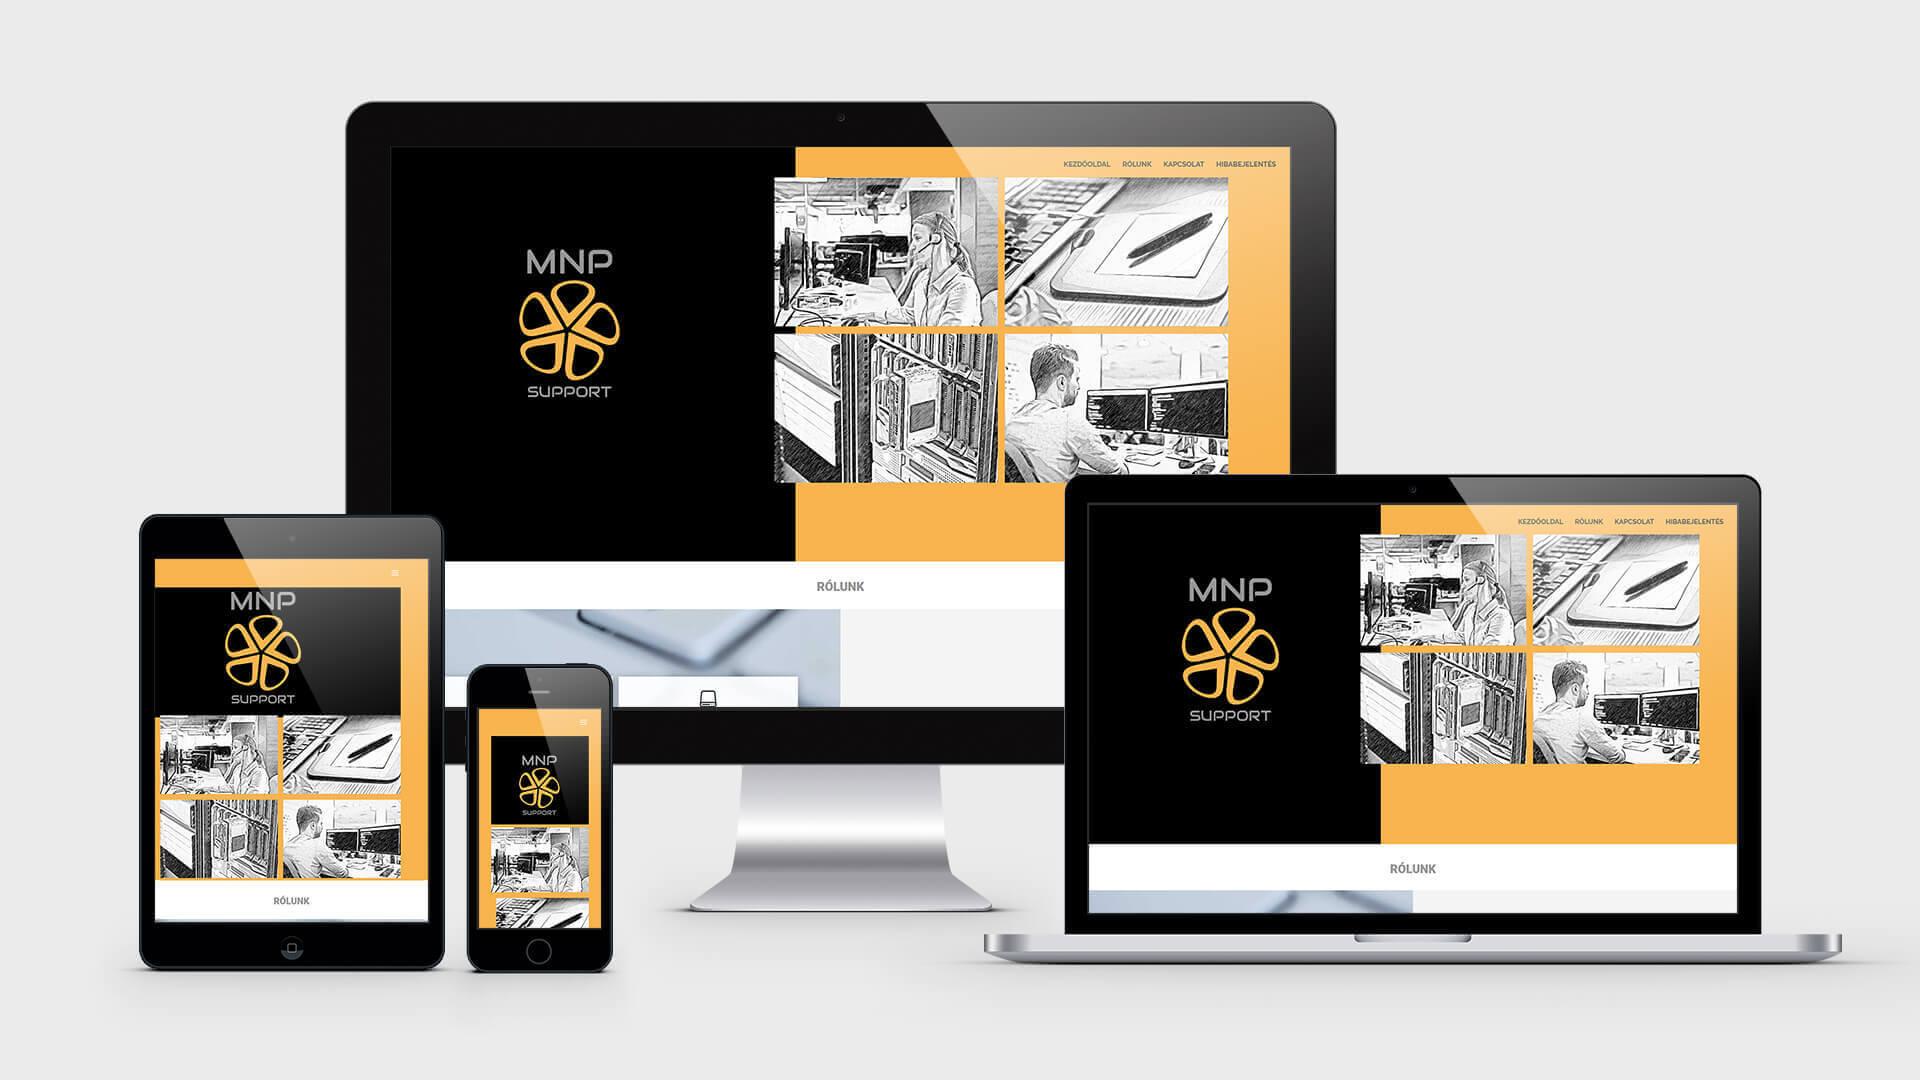 Weboldal készítés referencia - mnp-support.hu